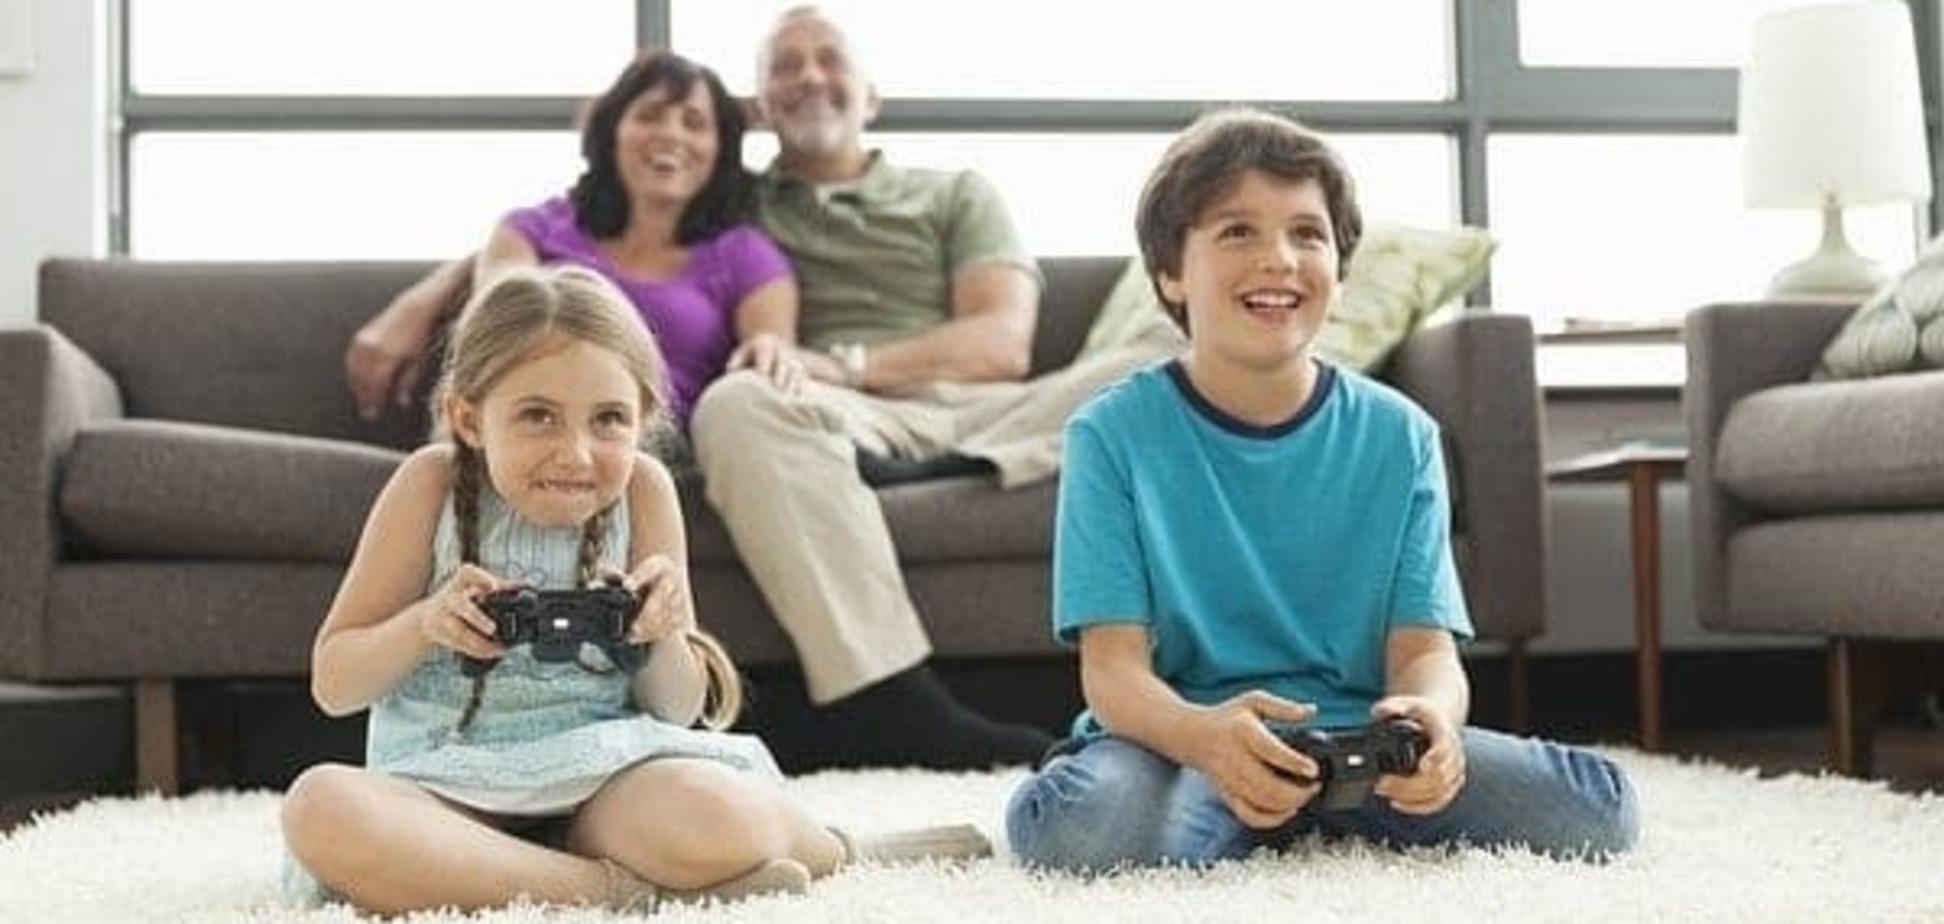 Видеоигры улучшают успеваемость в школе, а соцсети – снижают